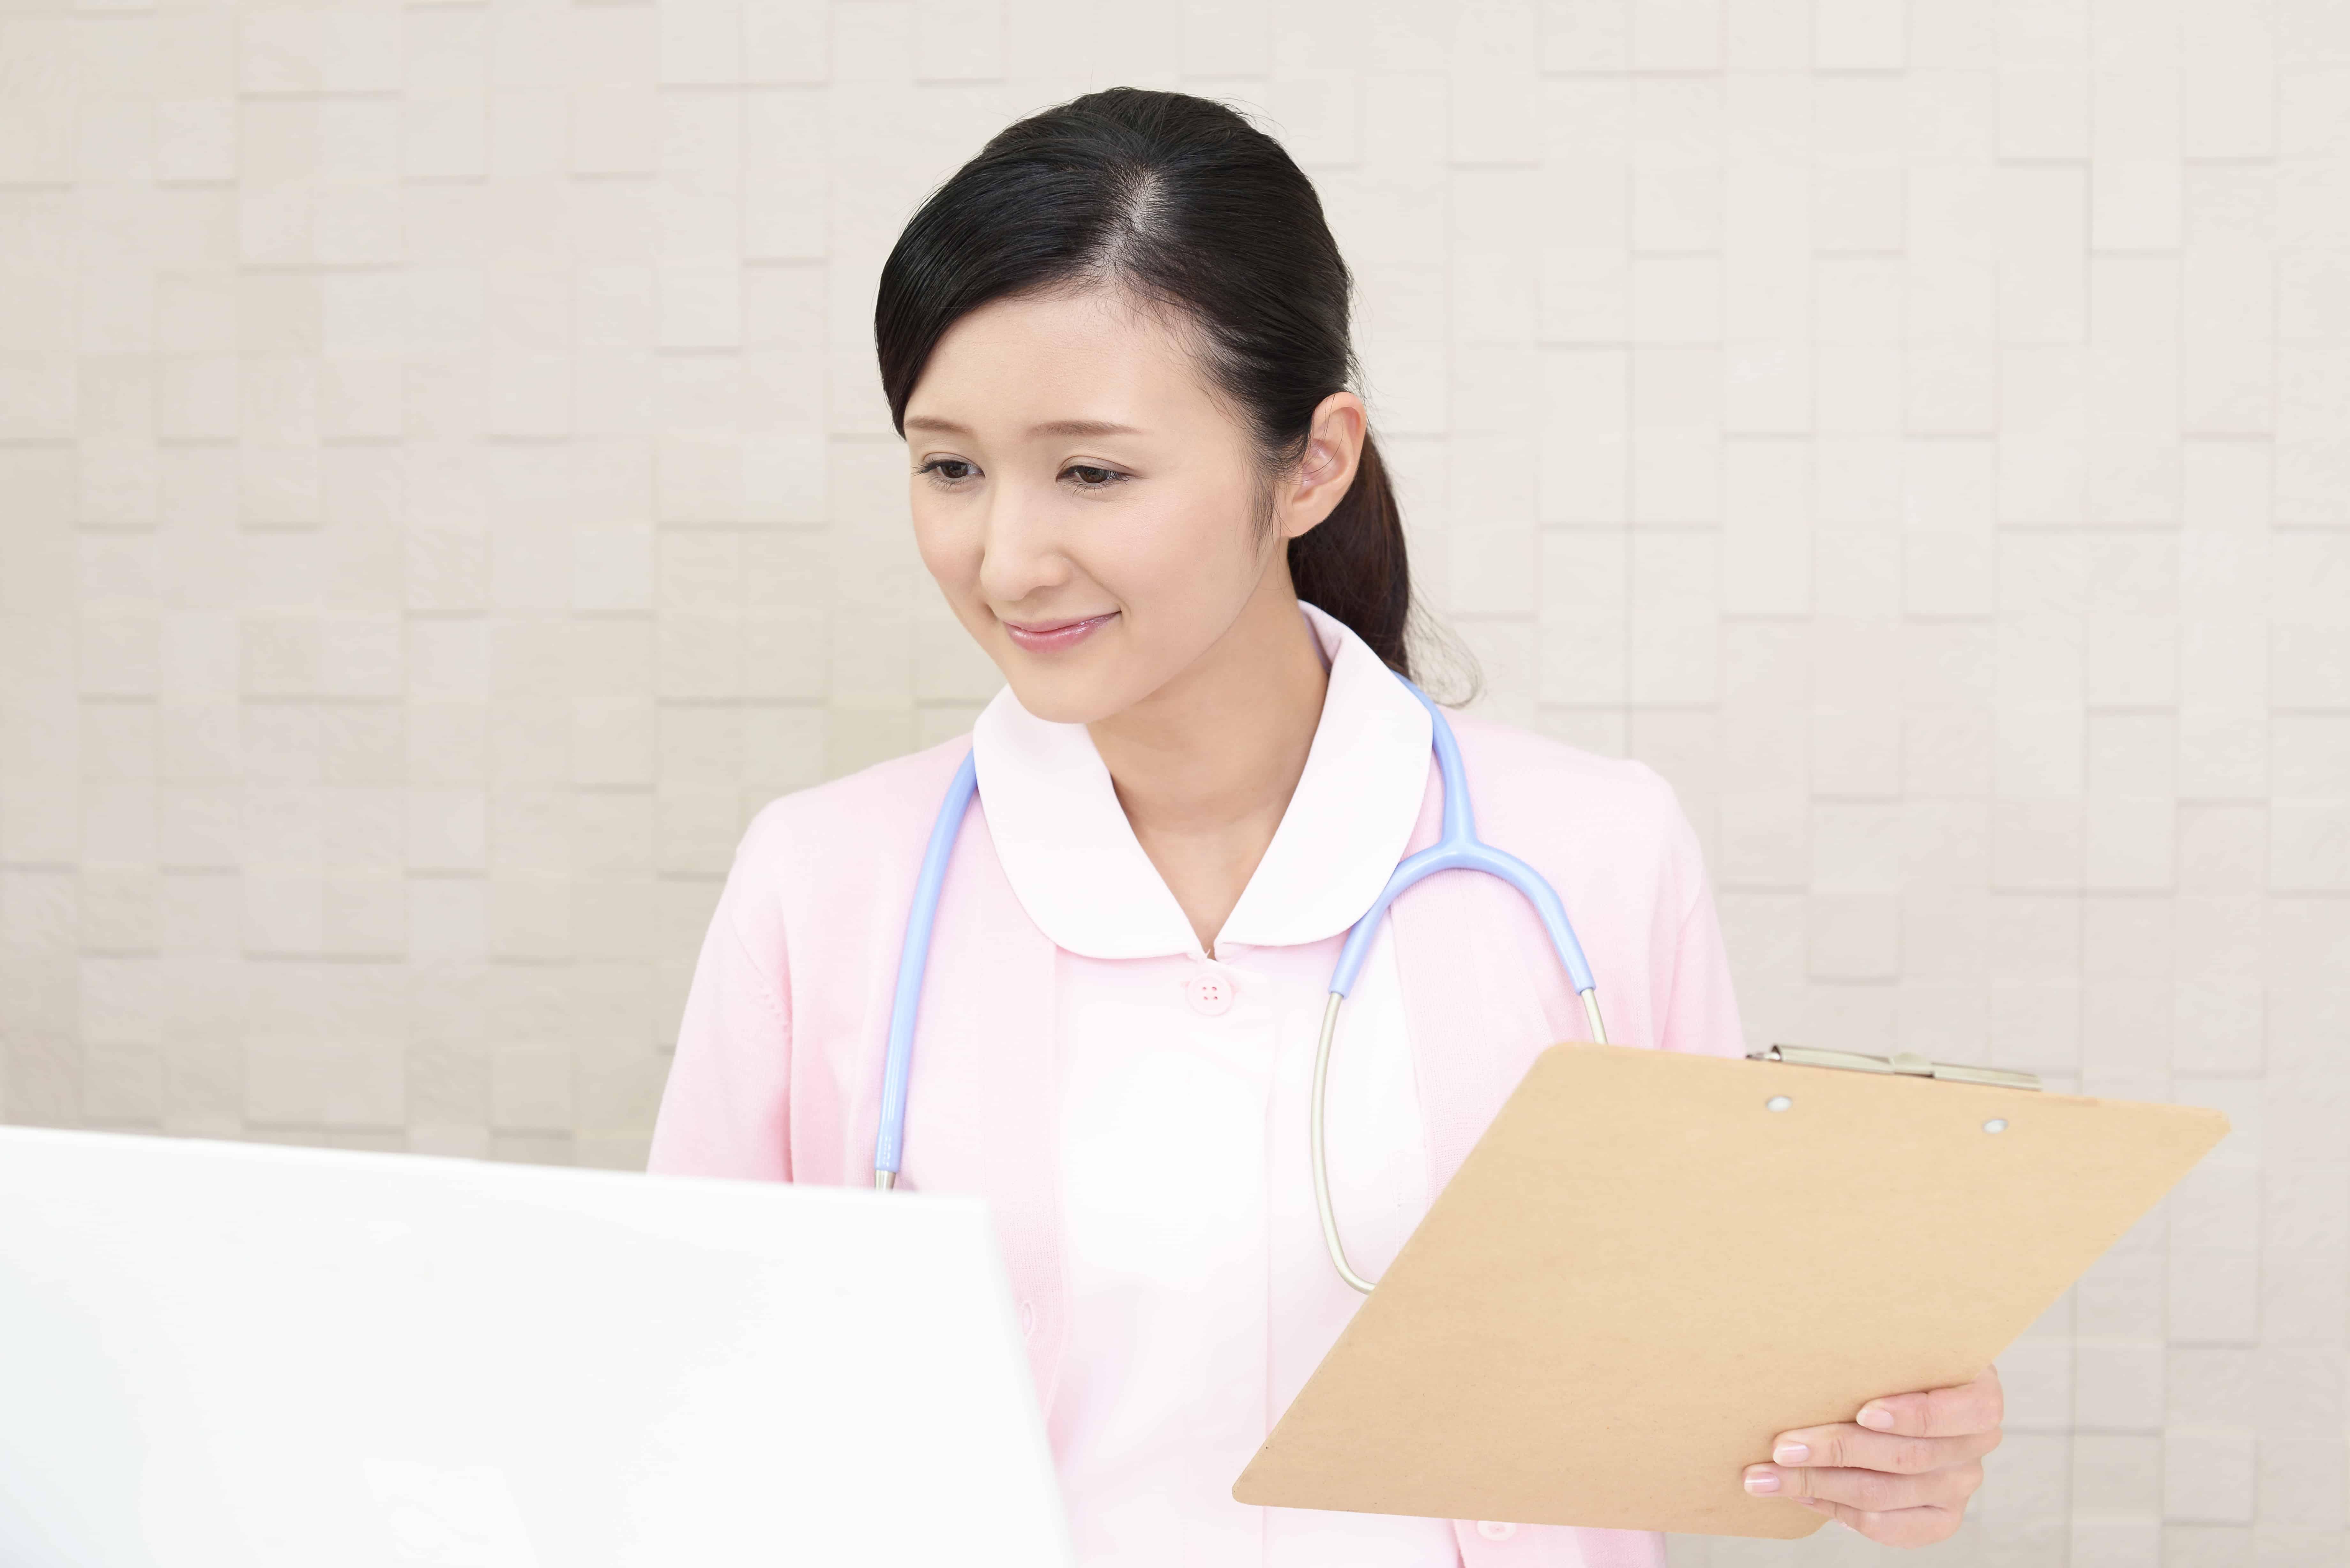 事務仕事をする看護師